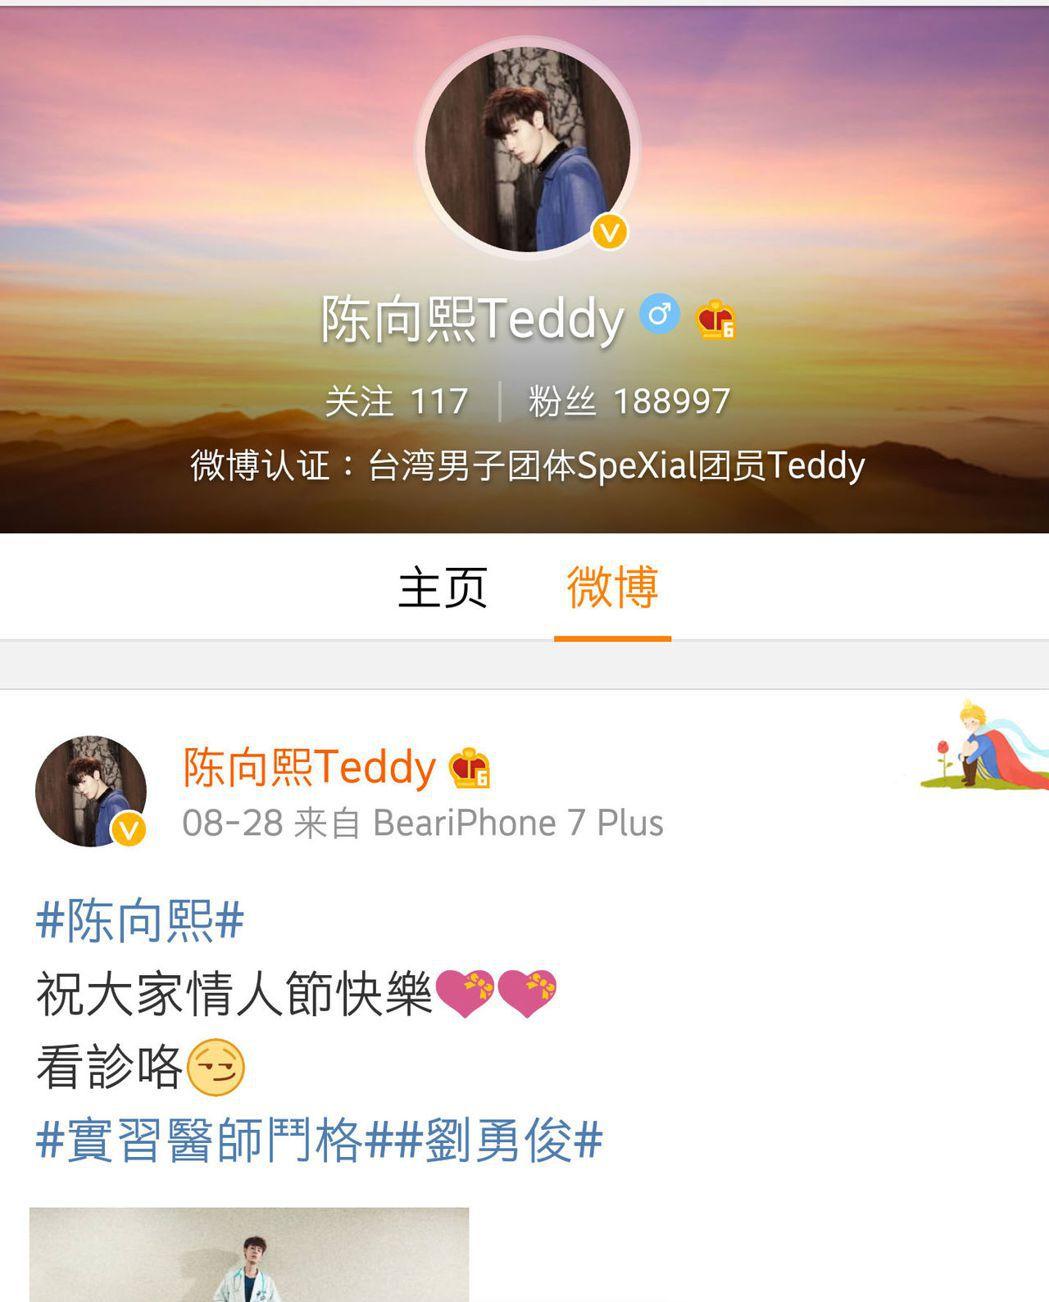 Teddy的微博名稱已拿掉SpeXial字樣。 圖/擷自Teddy微博